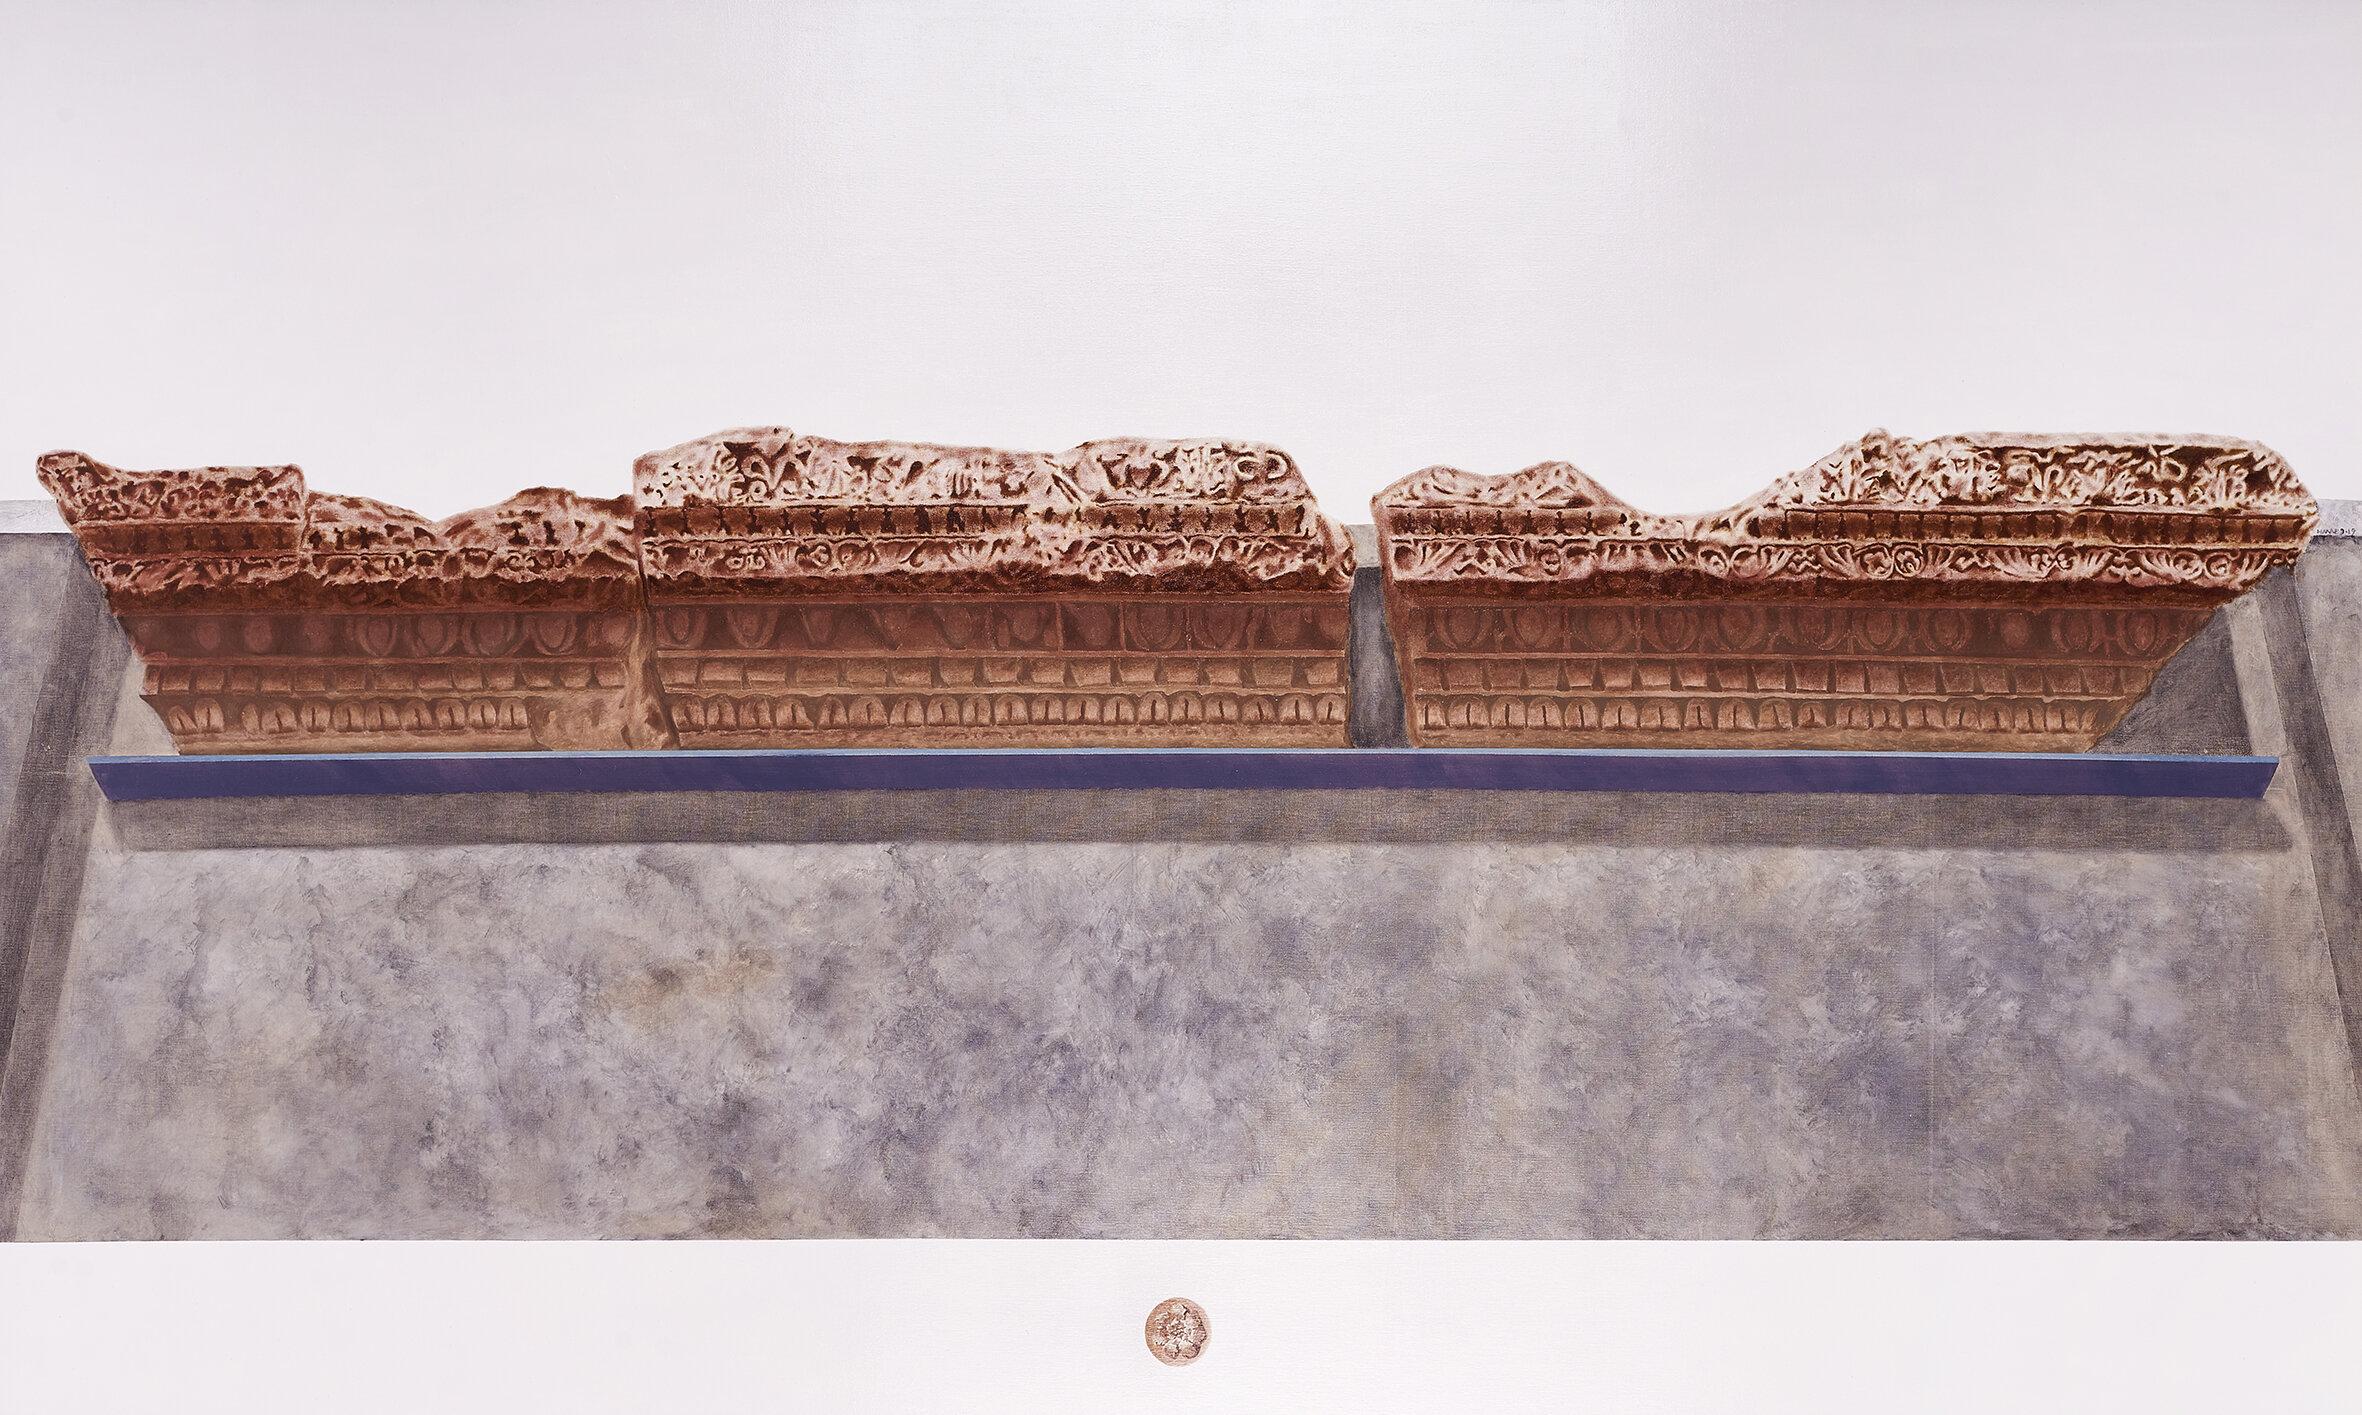 Frammento della Domus Flavia, Palatino, Roma. Napoli, Museo Arqueologico Nazionale di Napoli  2019 Olio su lino; 105 x177 cm € 6,650